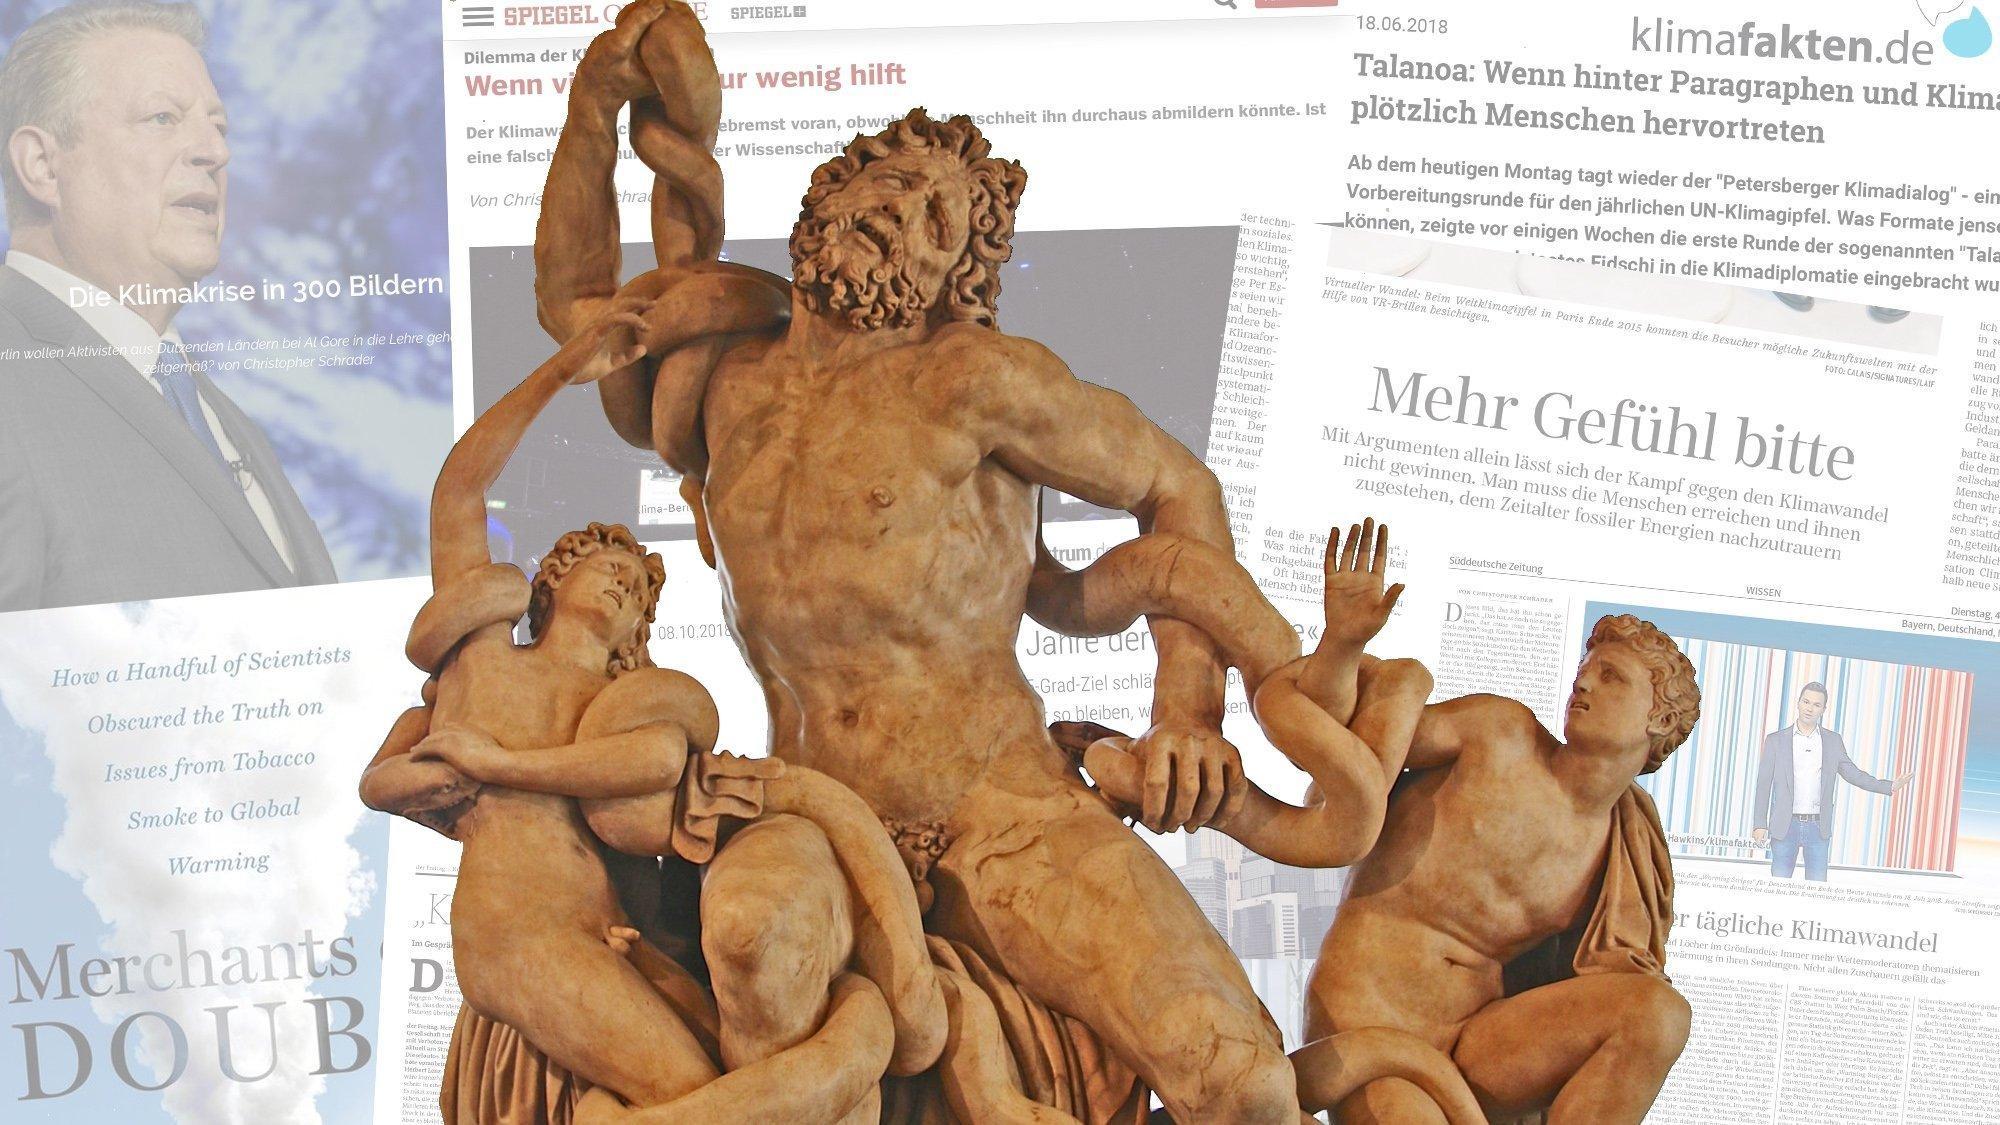 Die Laocoon-Gruppe von Bacia Bandinelli in den Uffizien von Florenz ist eine 1524vollendete Kopie des antiken Originals. Der Vater und seine beiden Söhne winden sich im Todeskampf vor einer Collage von Zeitungs- und Onlineartikeln sowie dem Cover des Buchs Merchants of Doubt.